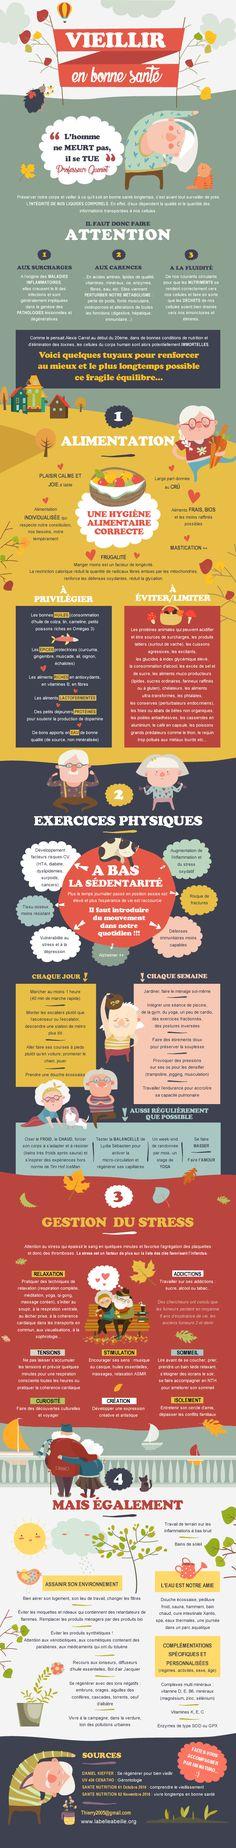 Vieillir en bonne santé ou comment préserver la meilleure vitalité possible en surveillant son alimentation, sa sédentarité et sa gestion du stress. Thierry Perrin